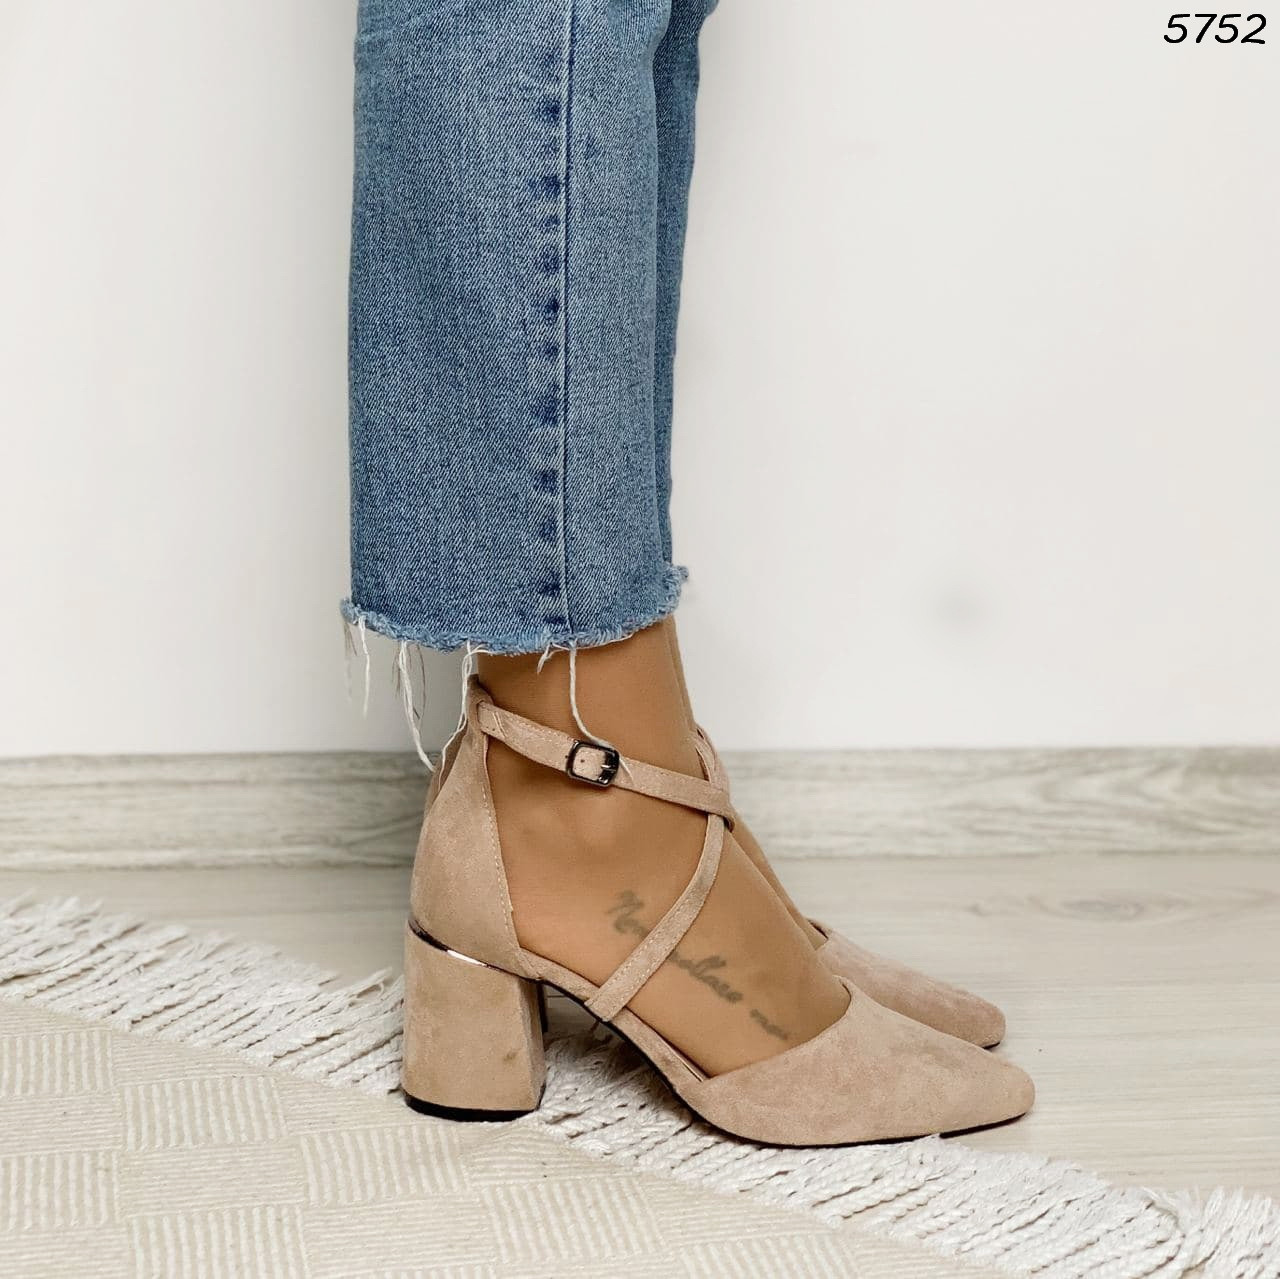 37 р. Туфли женские бежевые замшевые на высоком каблуке из искусственной замши бежевого цвета с ремешком